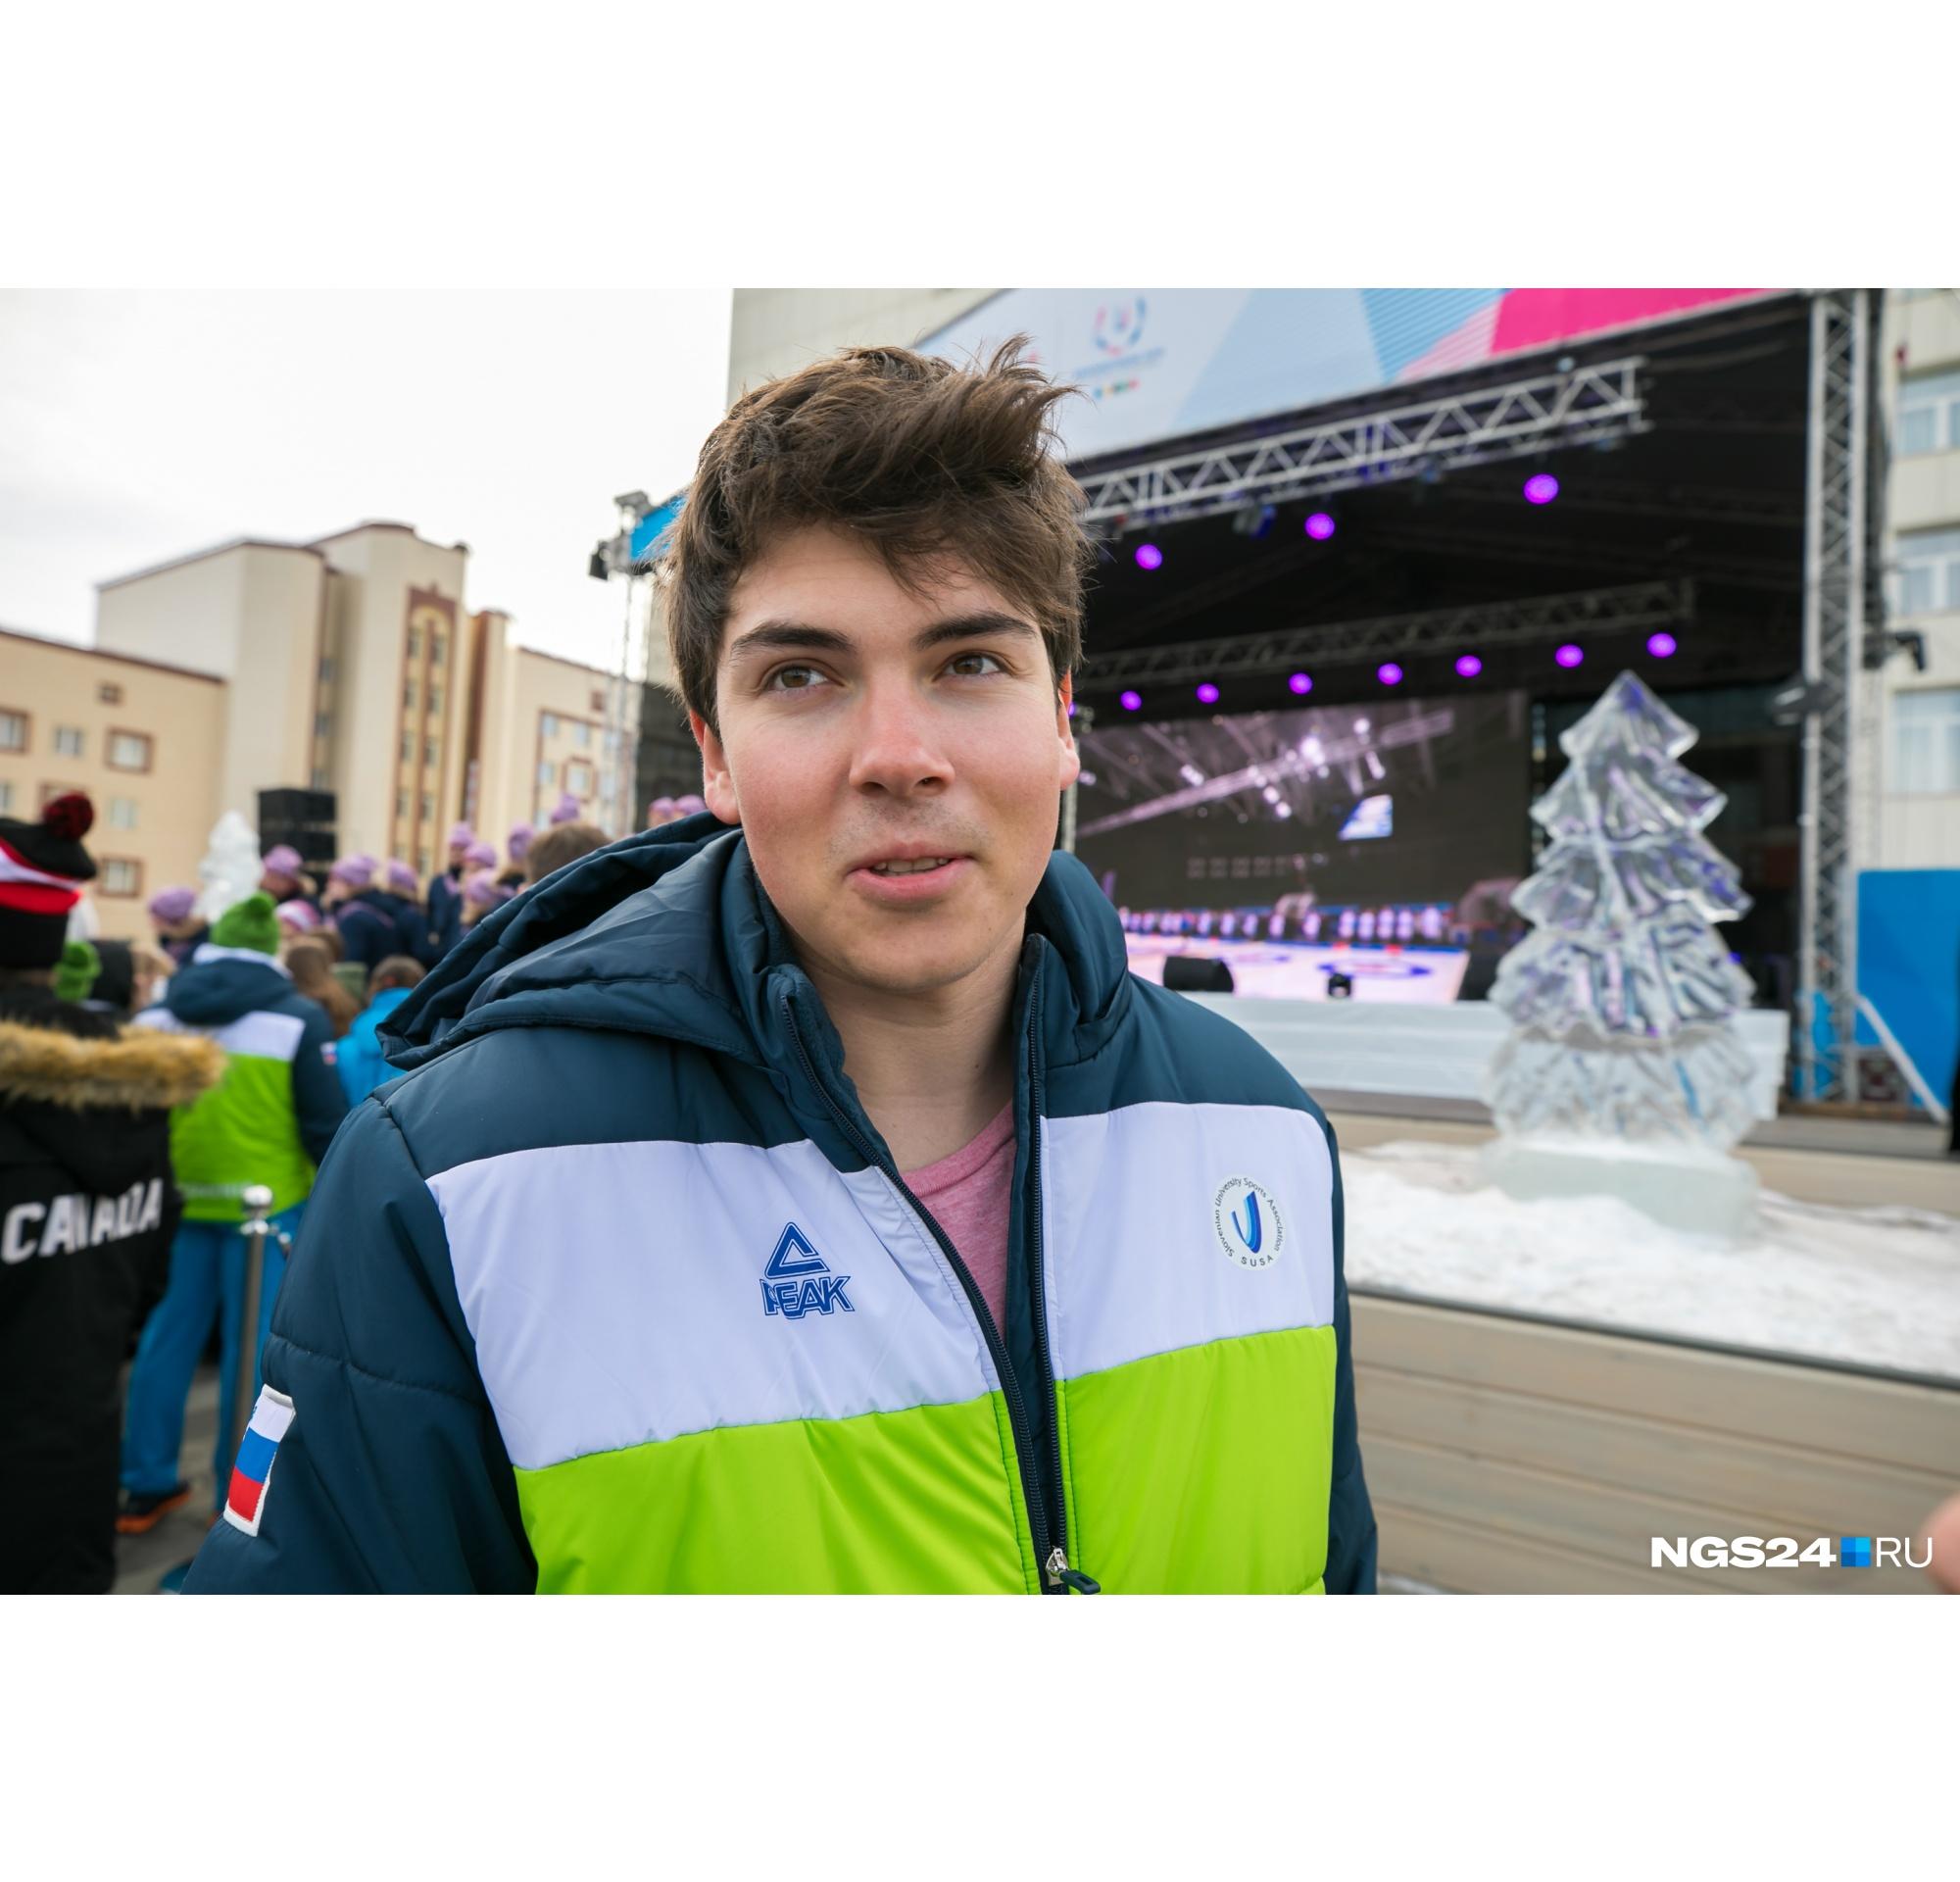 Спортсмен сборной Словении